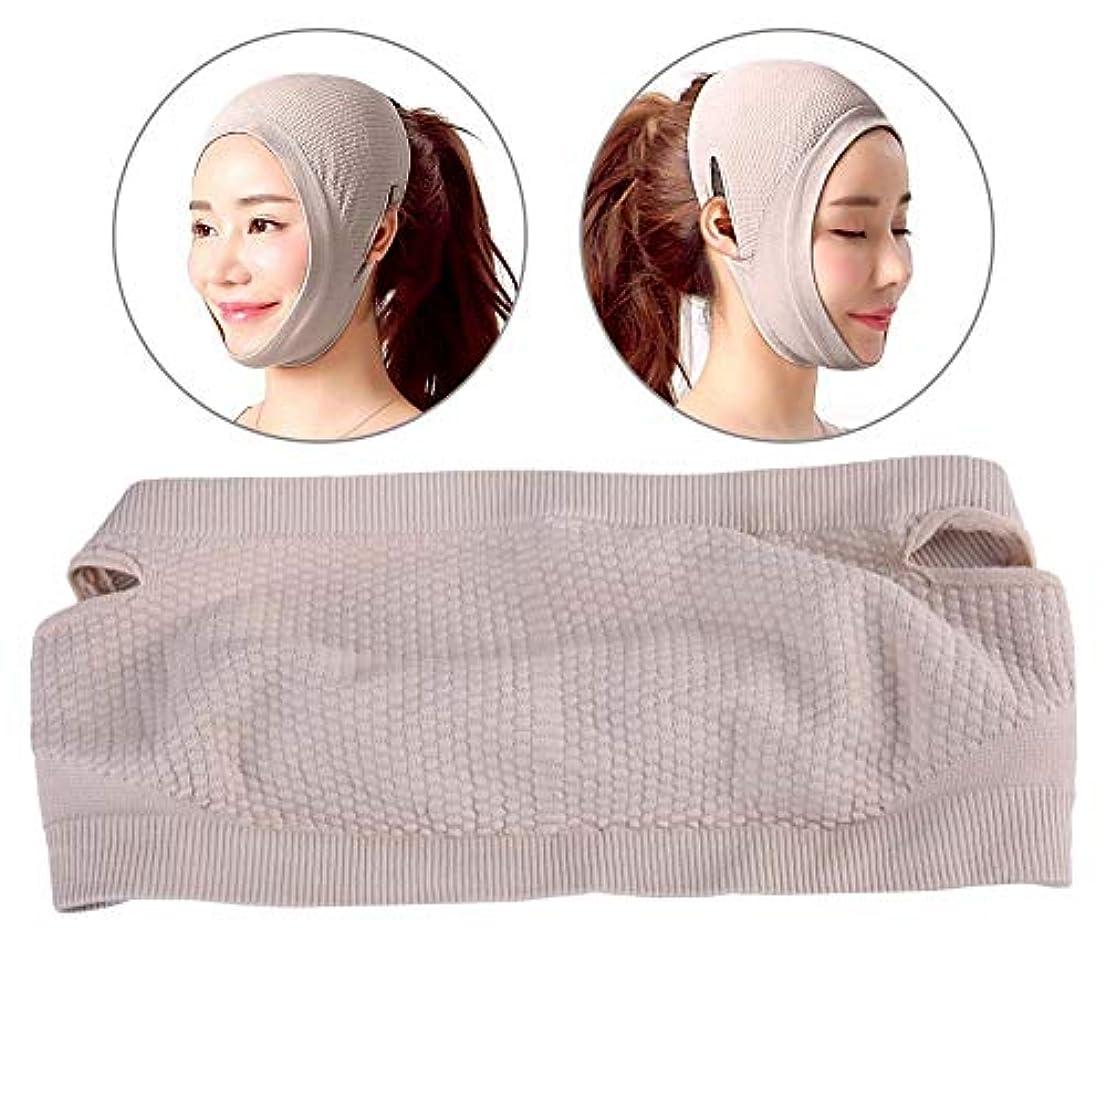 に負ける準備するすることになっている顔の輪郭を改善するVフェイス美容包帯 フェイシャルリフティングマスク、露出耳のデザイン/通気性/伸縮性/副作用なし